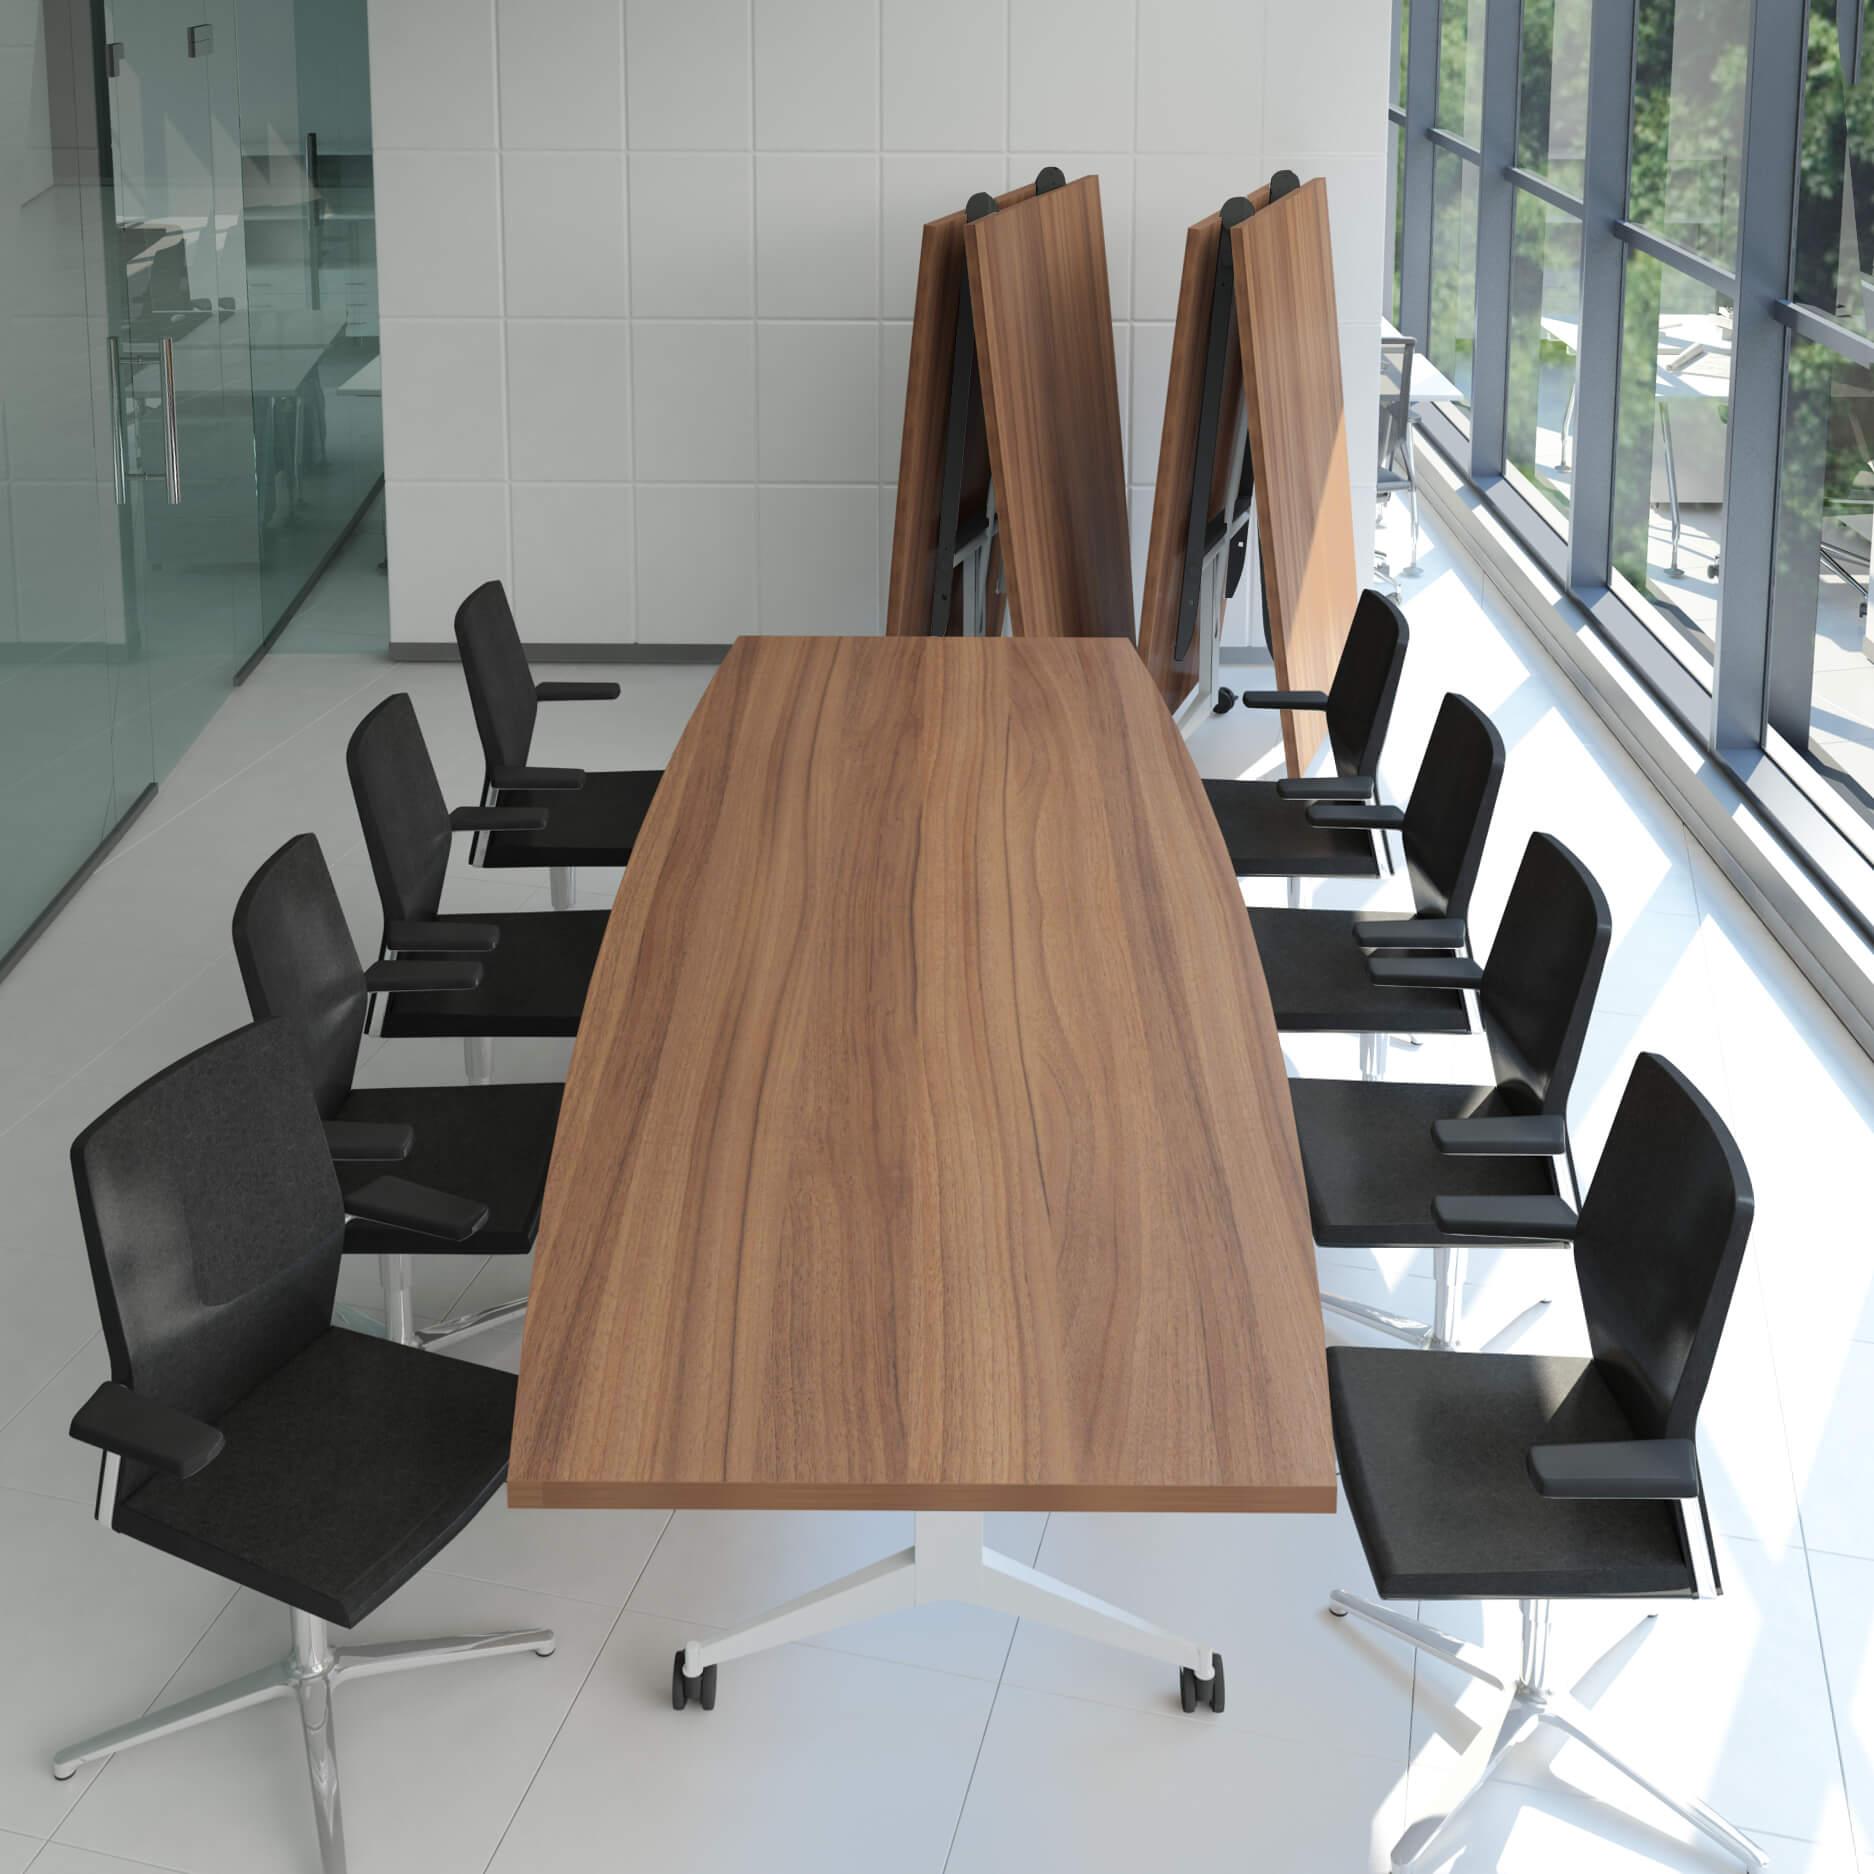 Falttisch Klapptisch Bootsform 3.200 x 1.200 mm TIMMY Nussbaum Konferenztisch klappbar rollbar Klapptisch